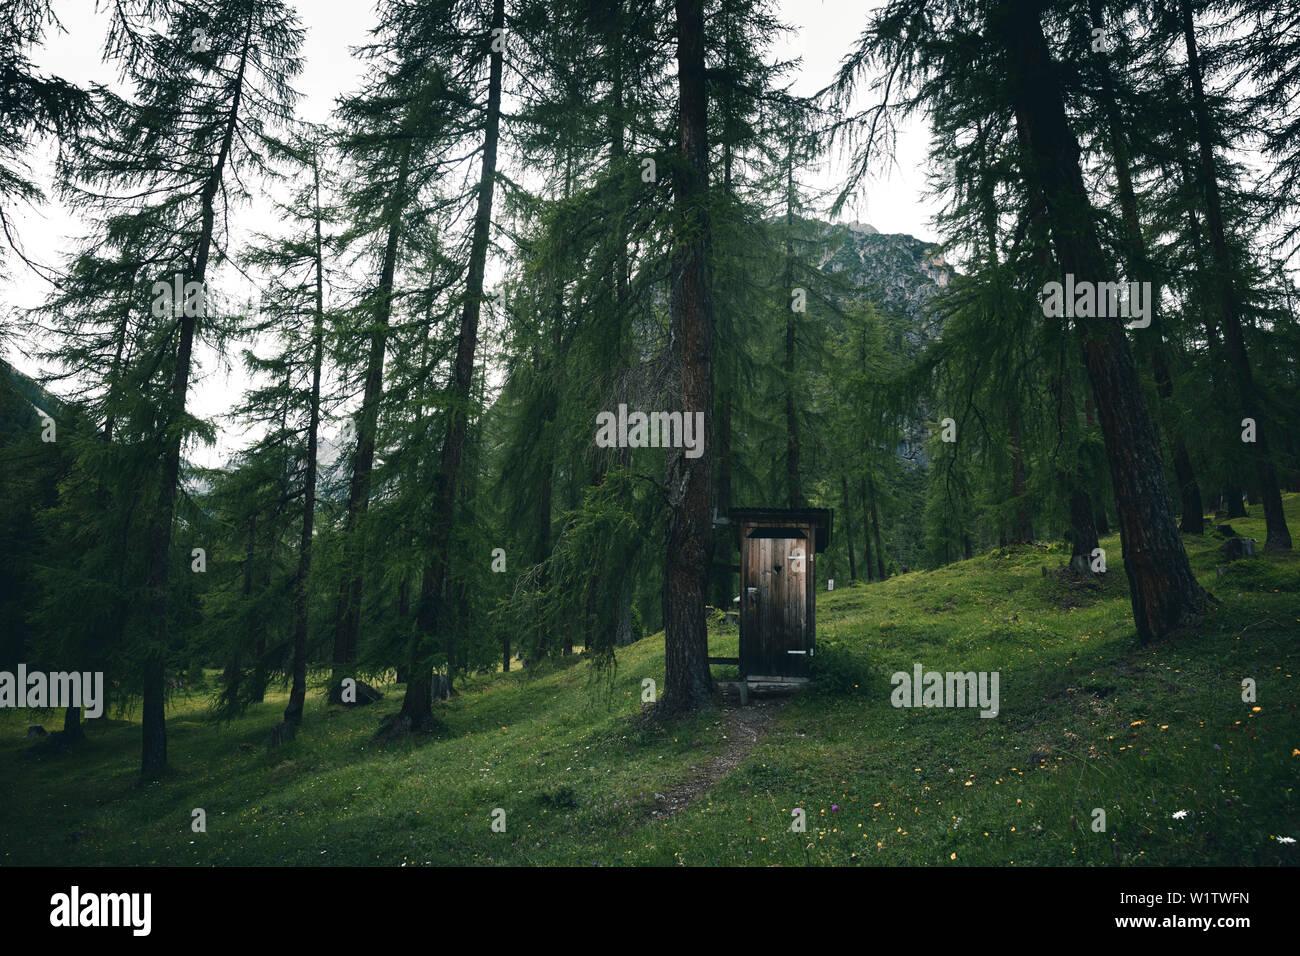 Mountain toilet in the forest, E5, Alpenüberquerung, 3rd stage, Seescharte,Inntal, Memminger Hütte to Unterloch Alm, tyrol, austria, Alps - Stock Image